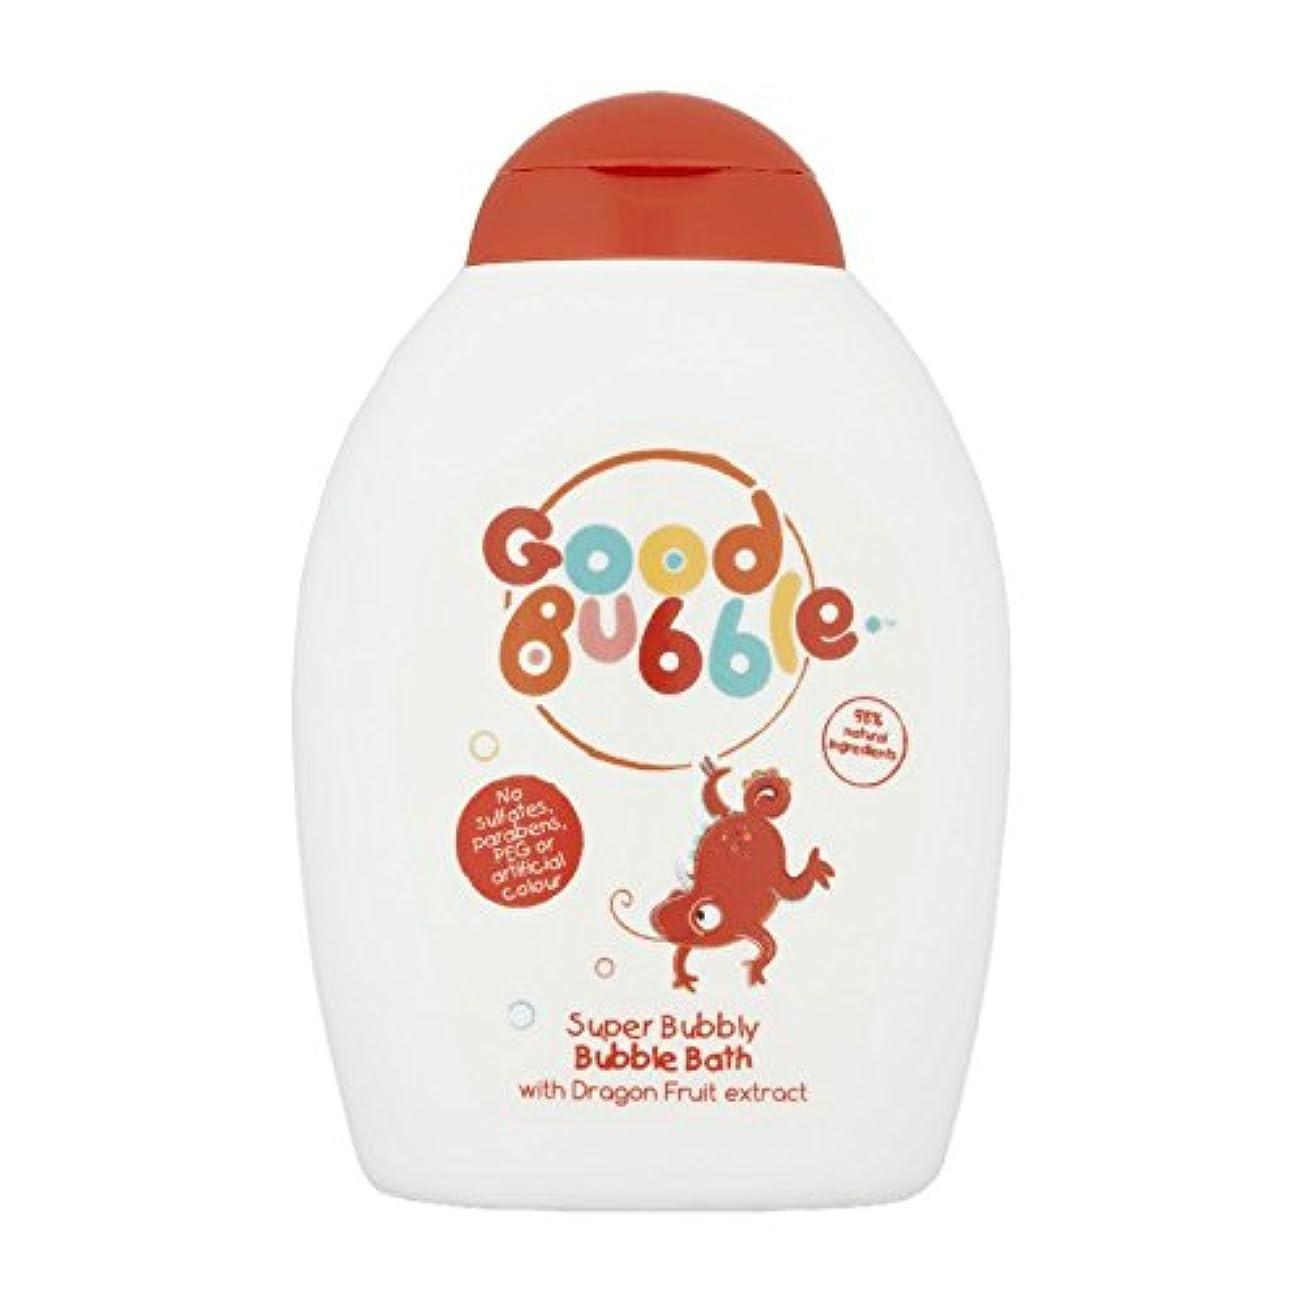 販売員ラック広々とした良いバブルドラゴンフルーツバブルバス400ミリリットル - Good Bubble Dragon Fruit Bubble Bath 400ml (Good Bubble) [並行輸入品]